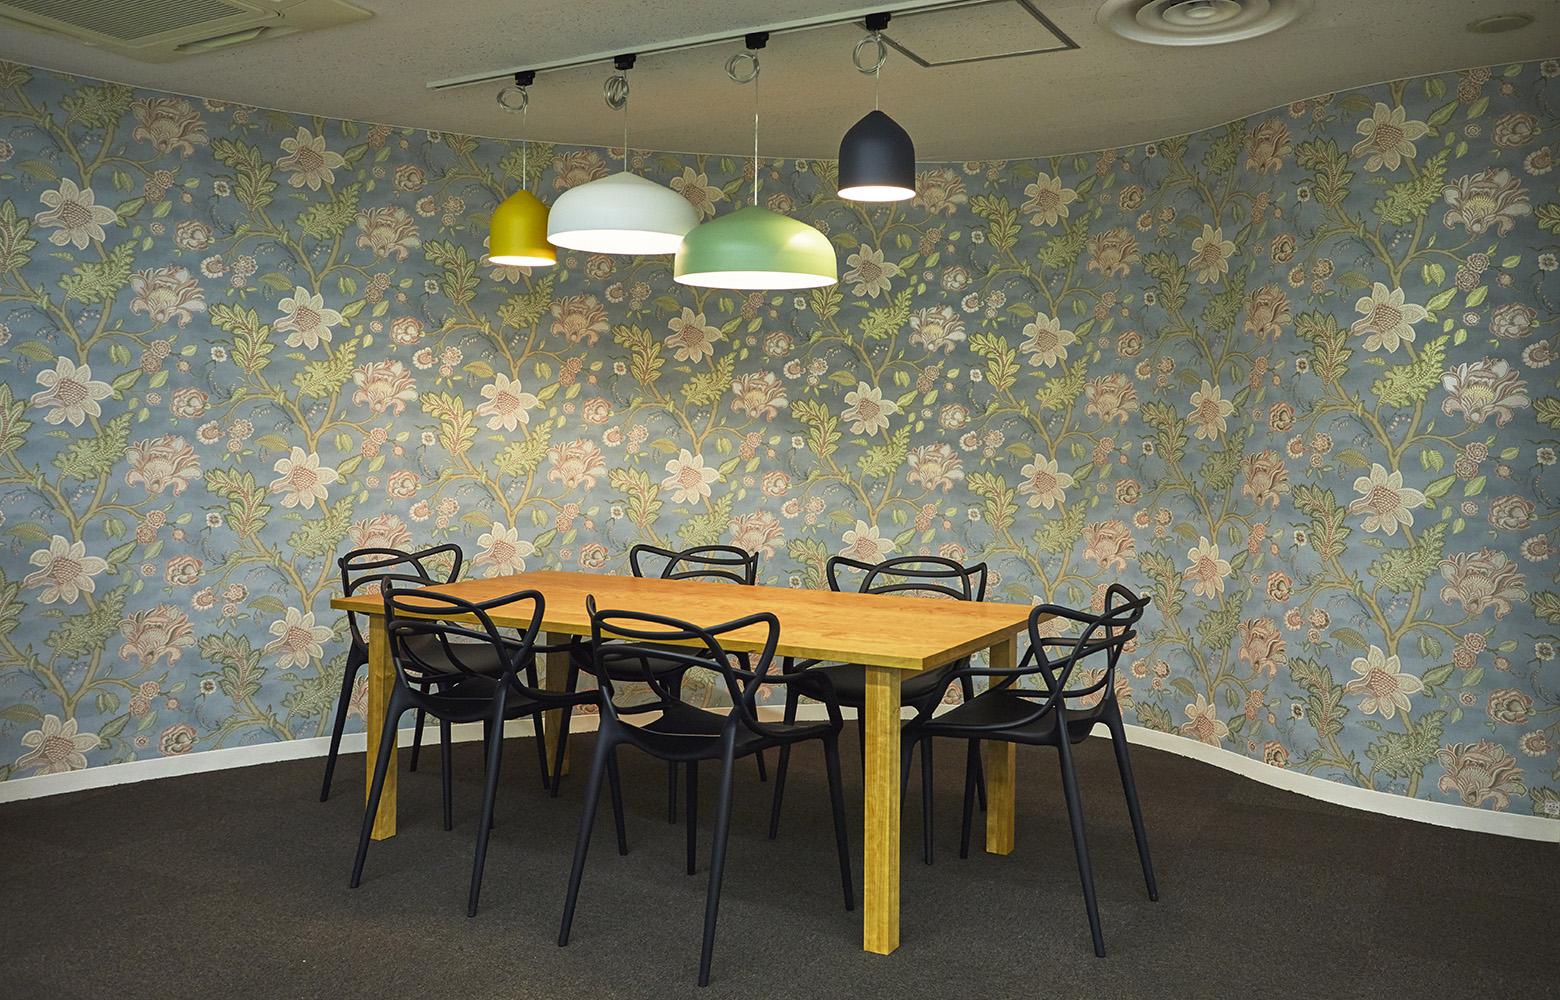 株式会社石原和幸デザイン研究所 Meeting Room_3 デザイン・レイアウト事例